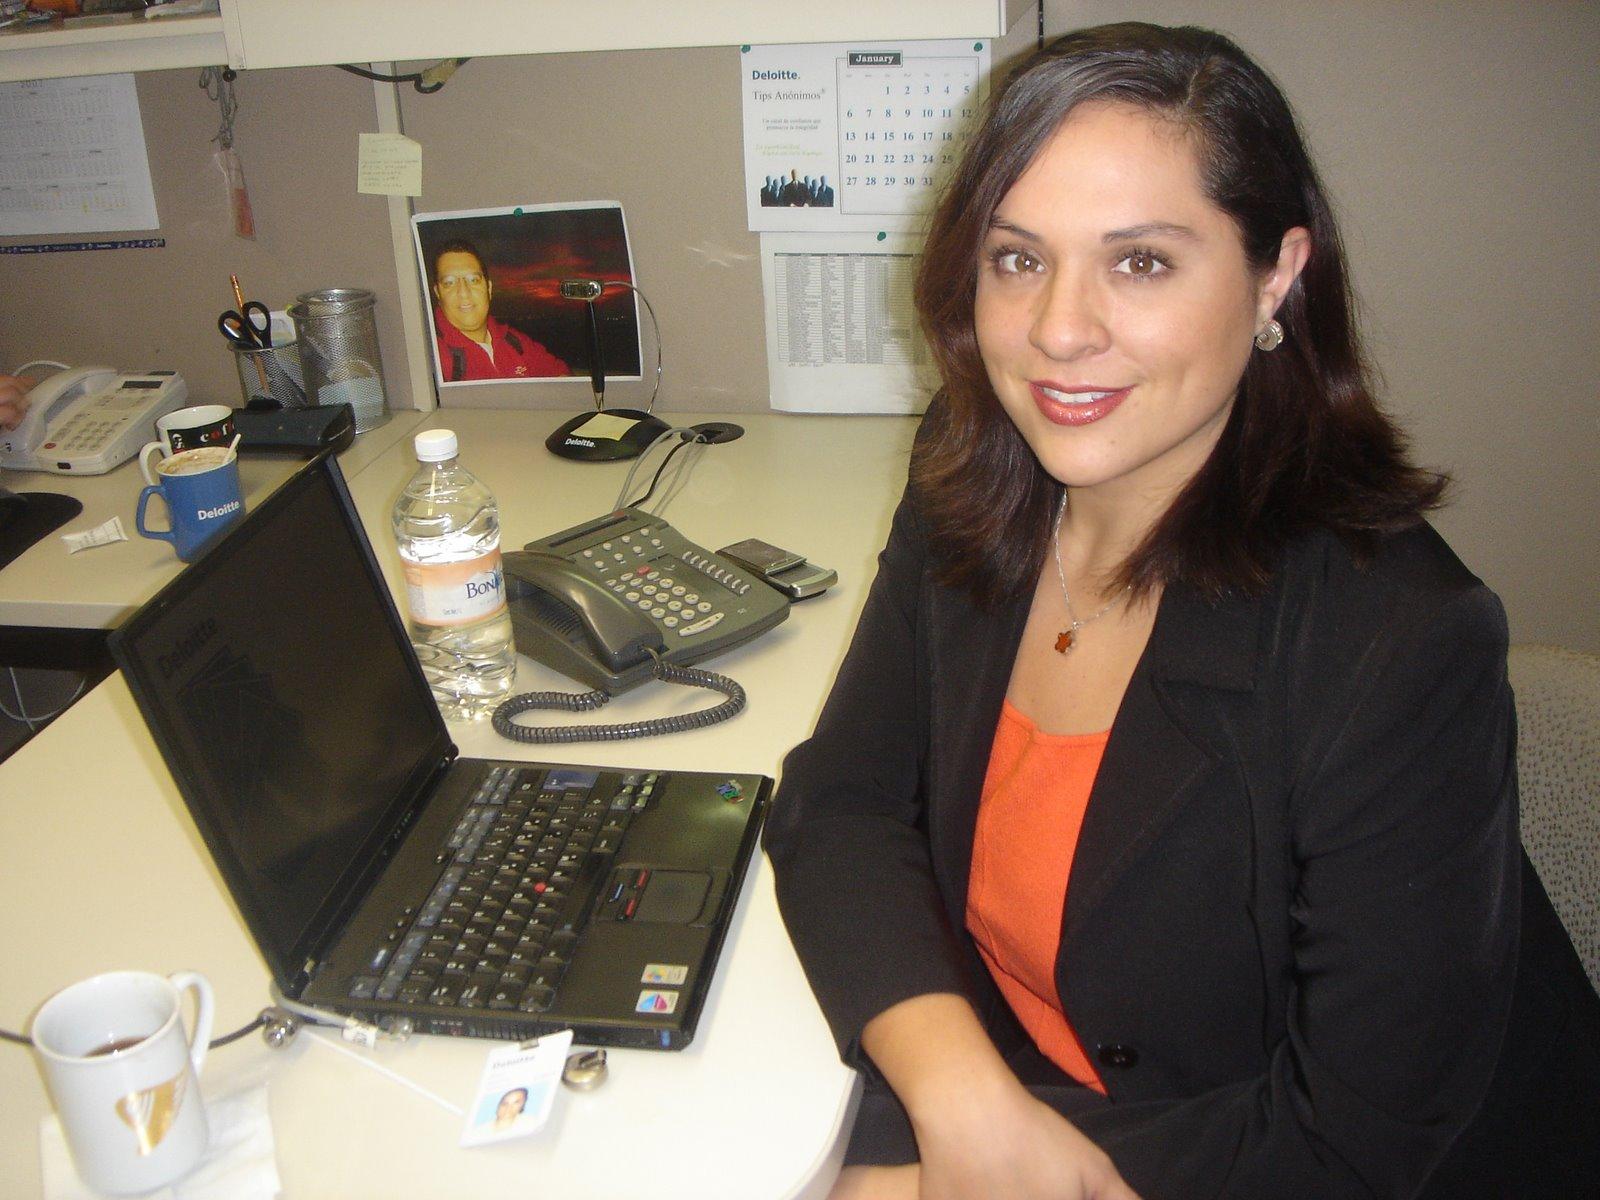 El ba l de fergil november 2007 for Oficinas deloitte